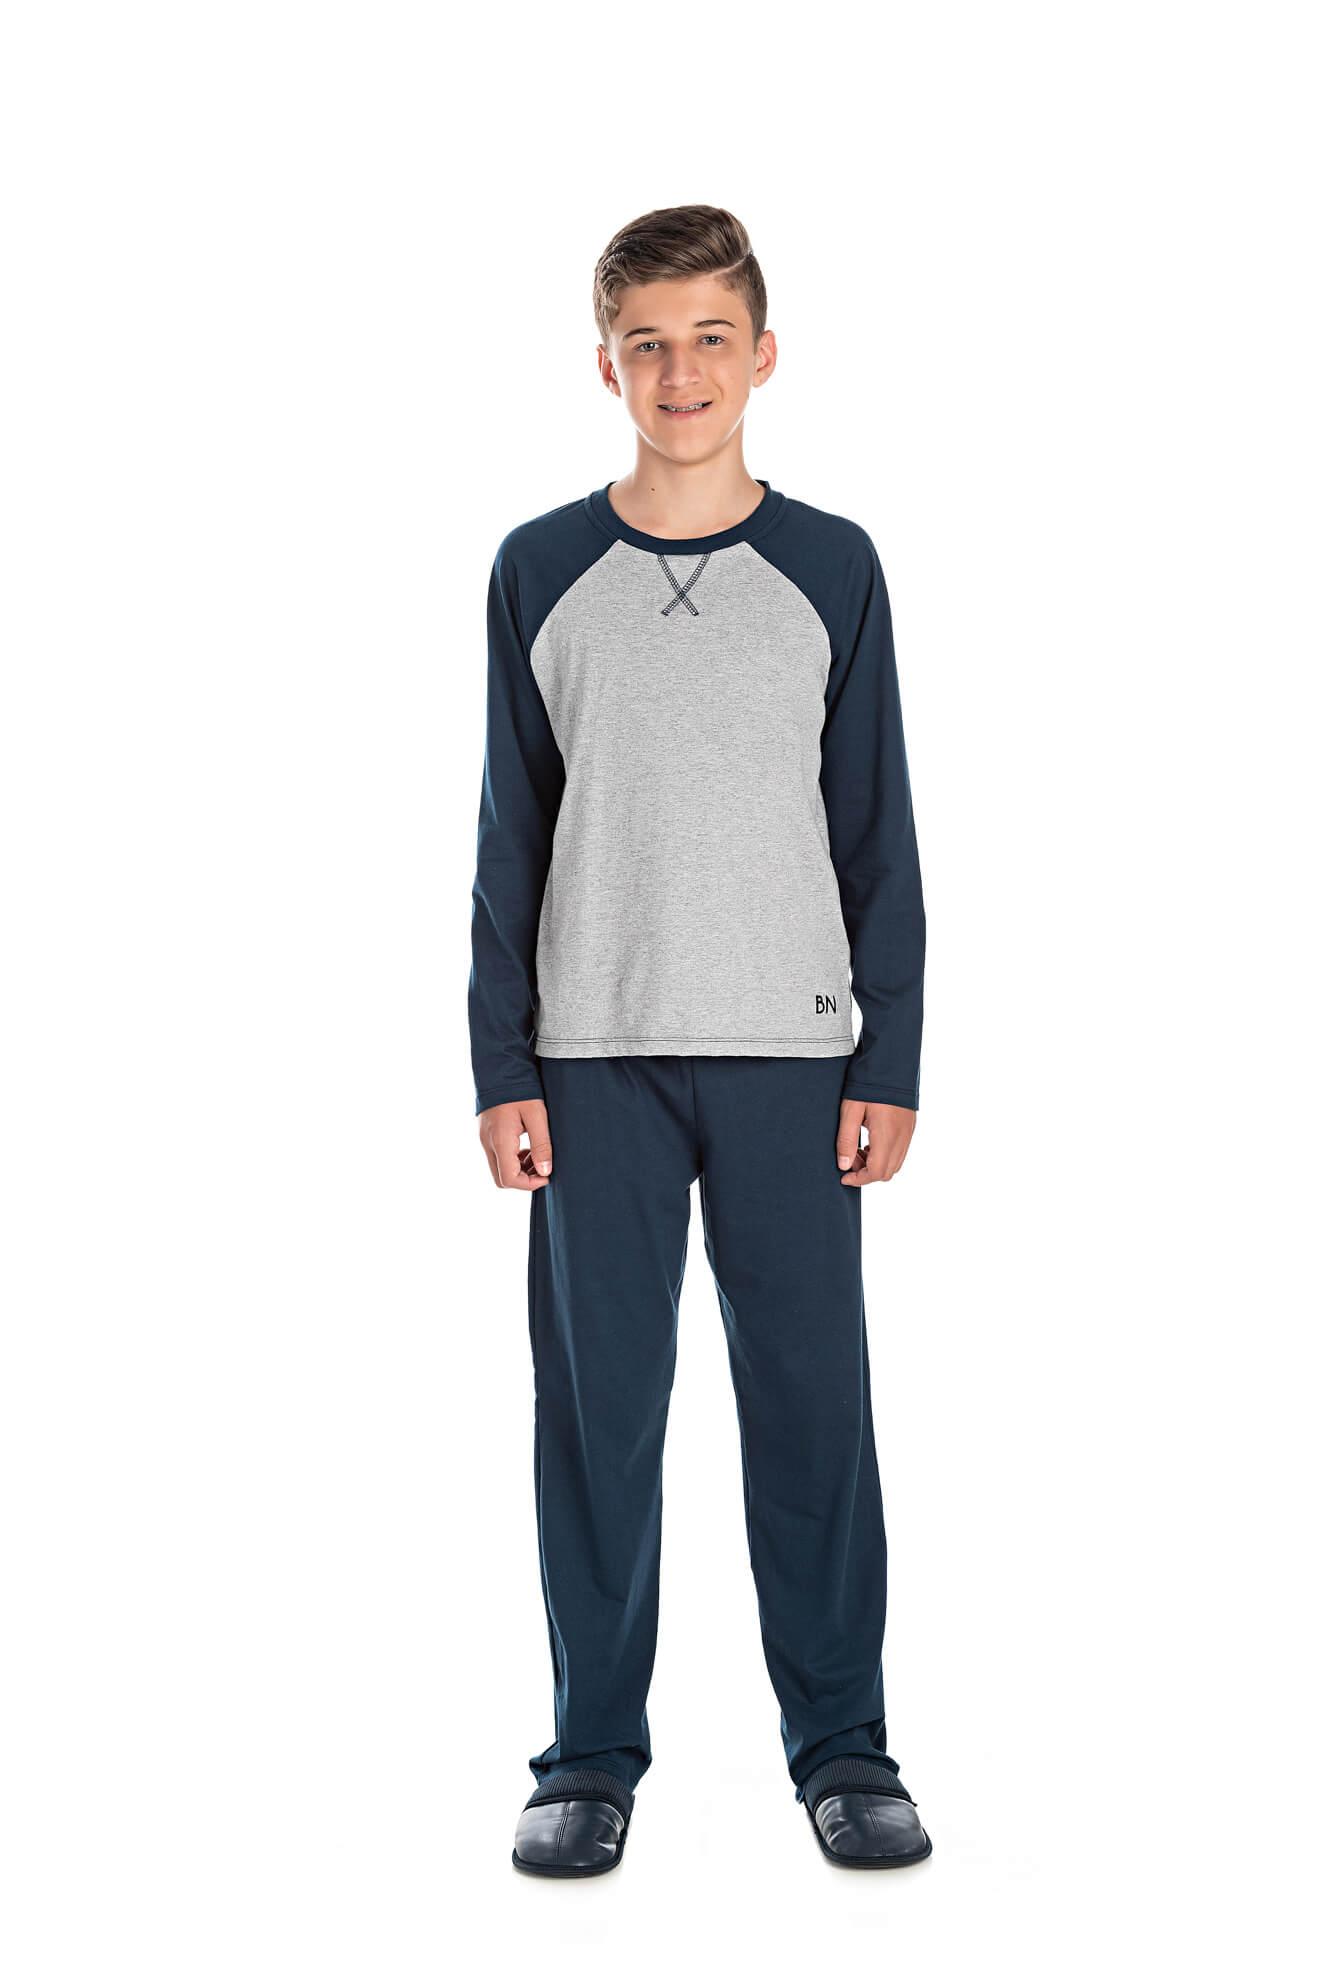 002/B - Pijama Juvenil Masculino com Aplique Termocolante